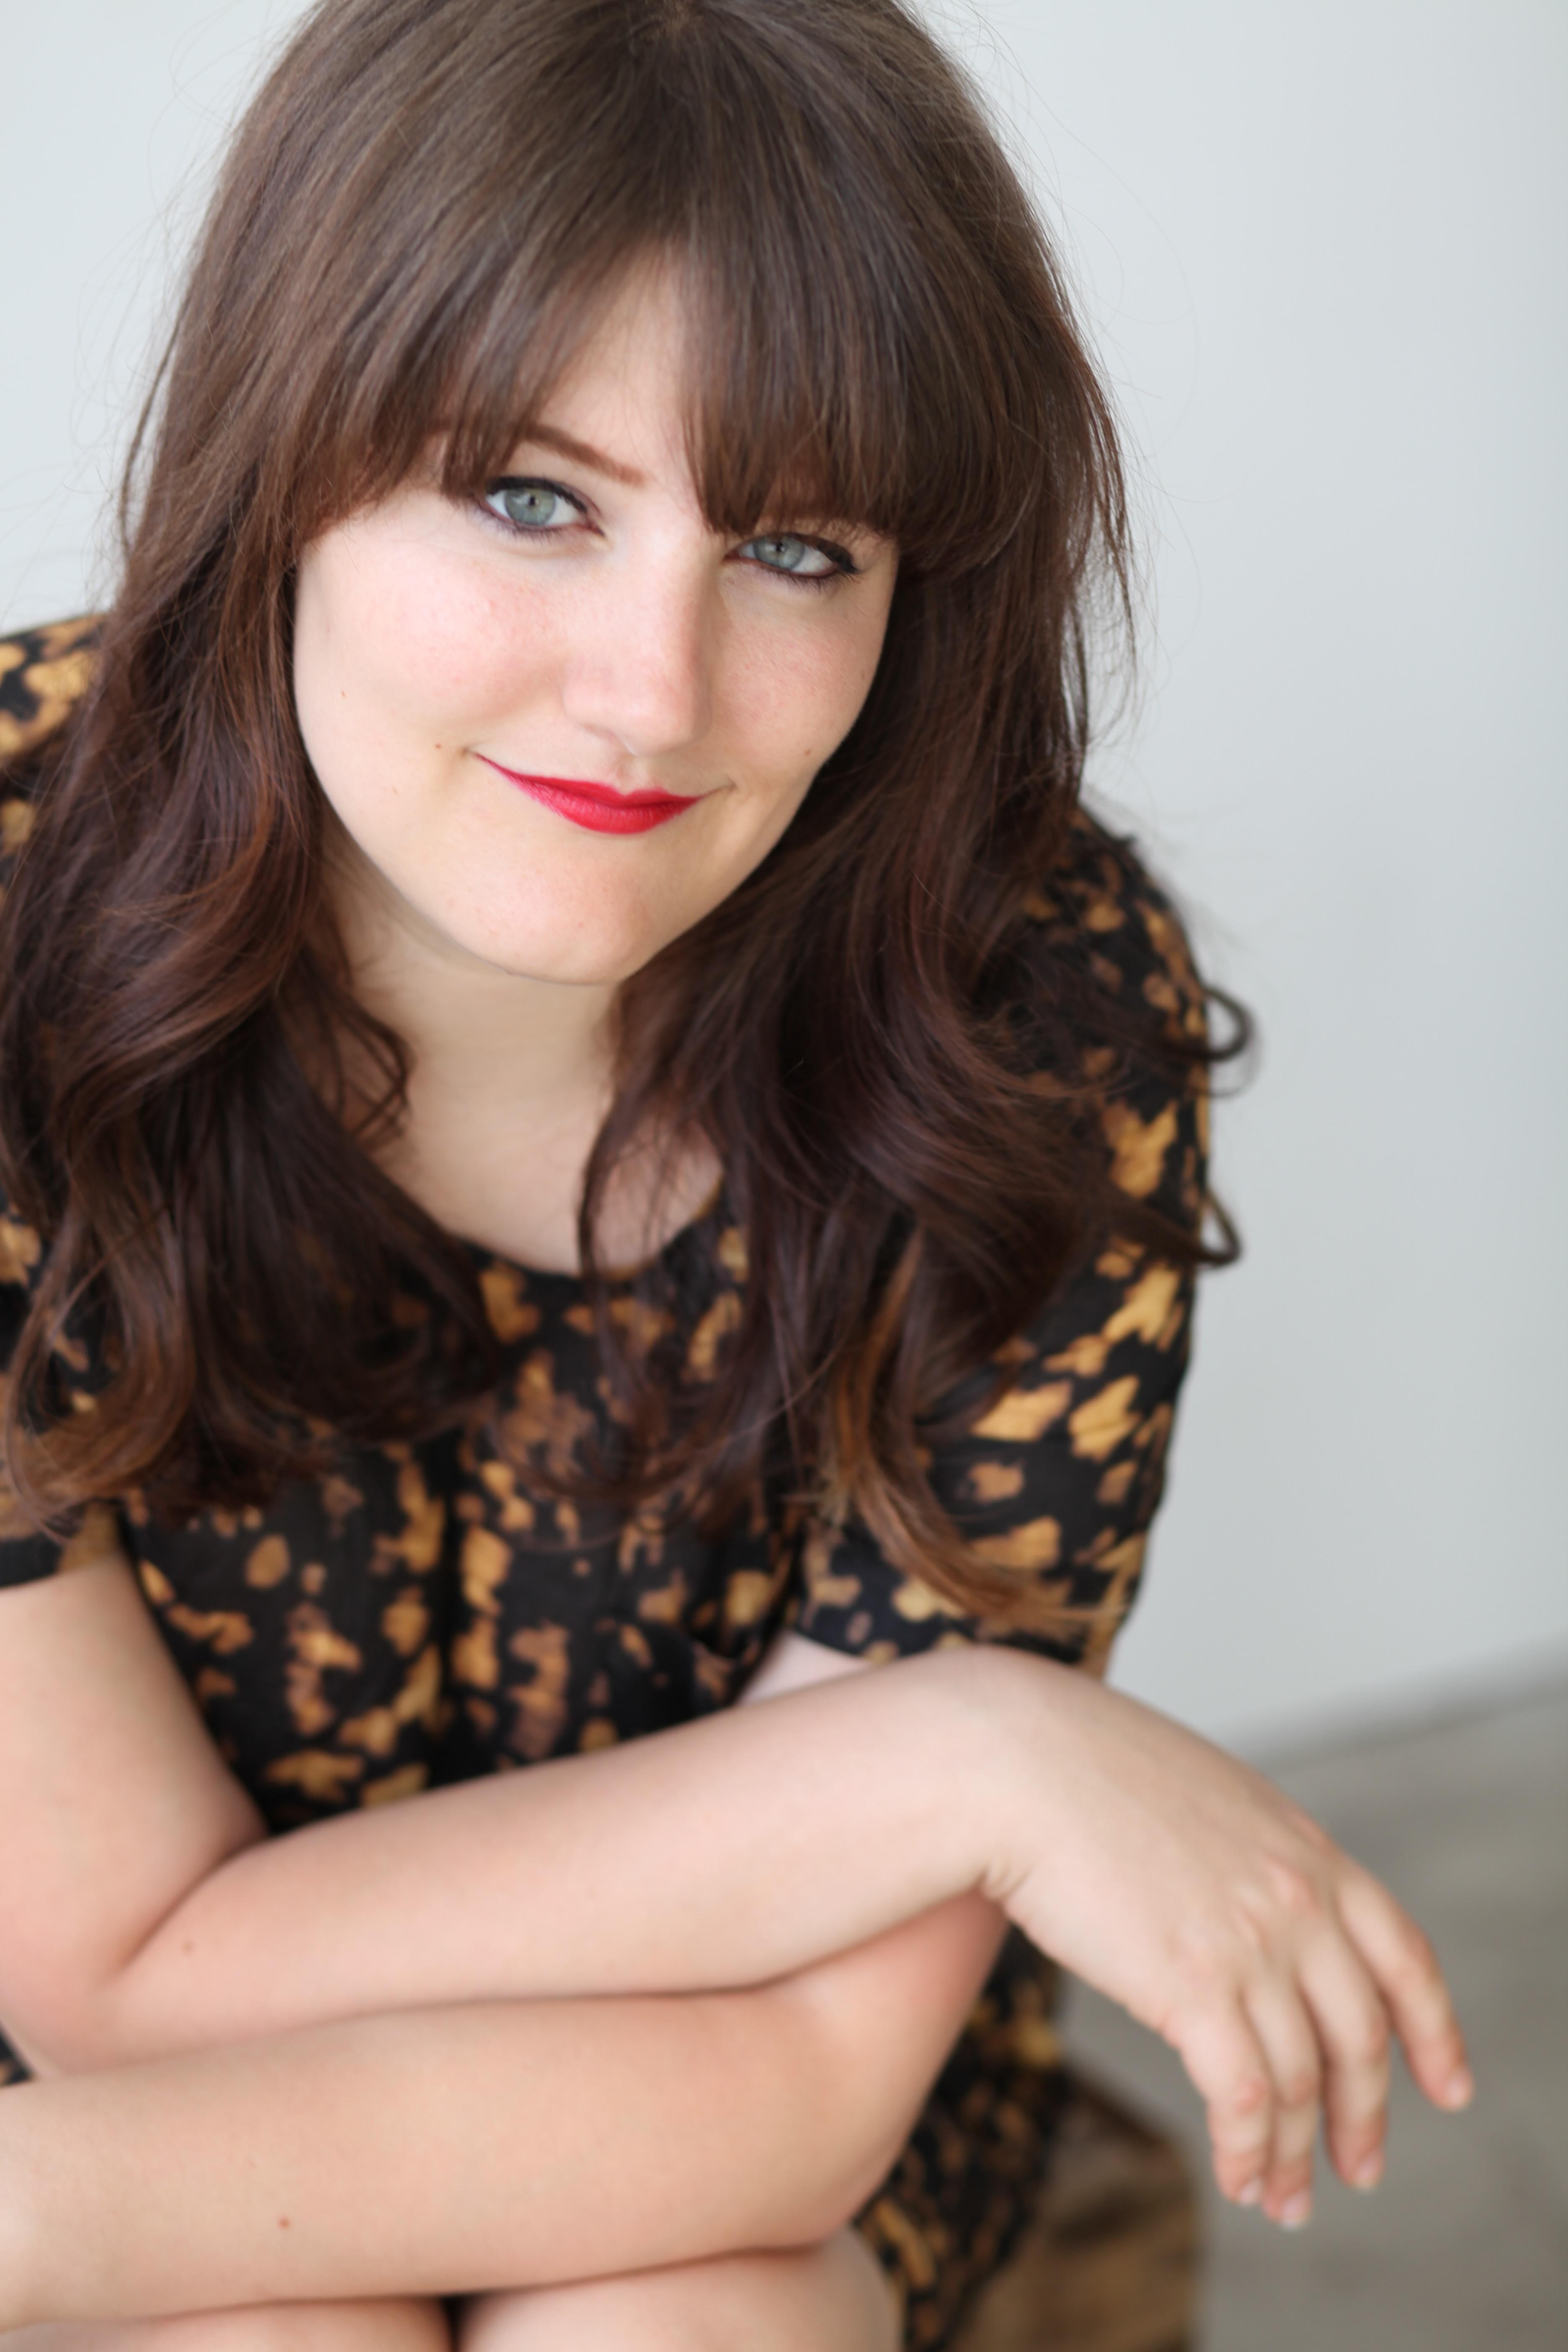 W.O.W. – Writer Odyssey Wednesday with Brittany Cavallaro